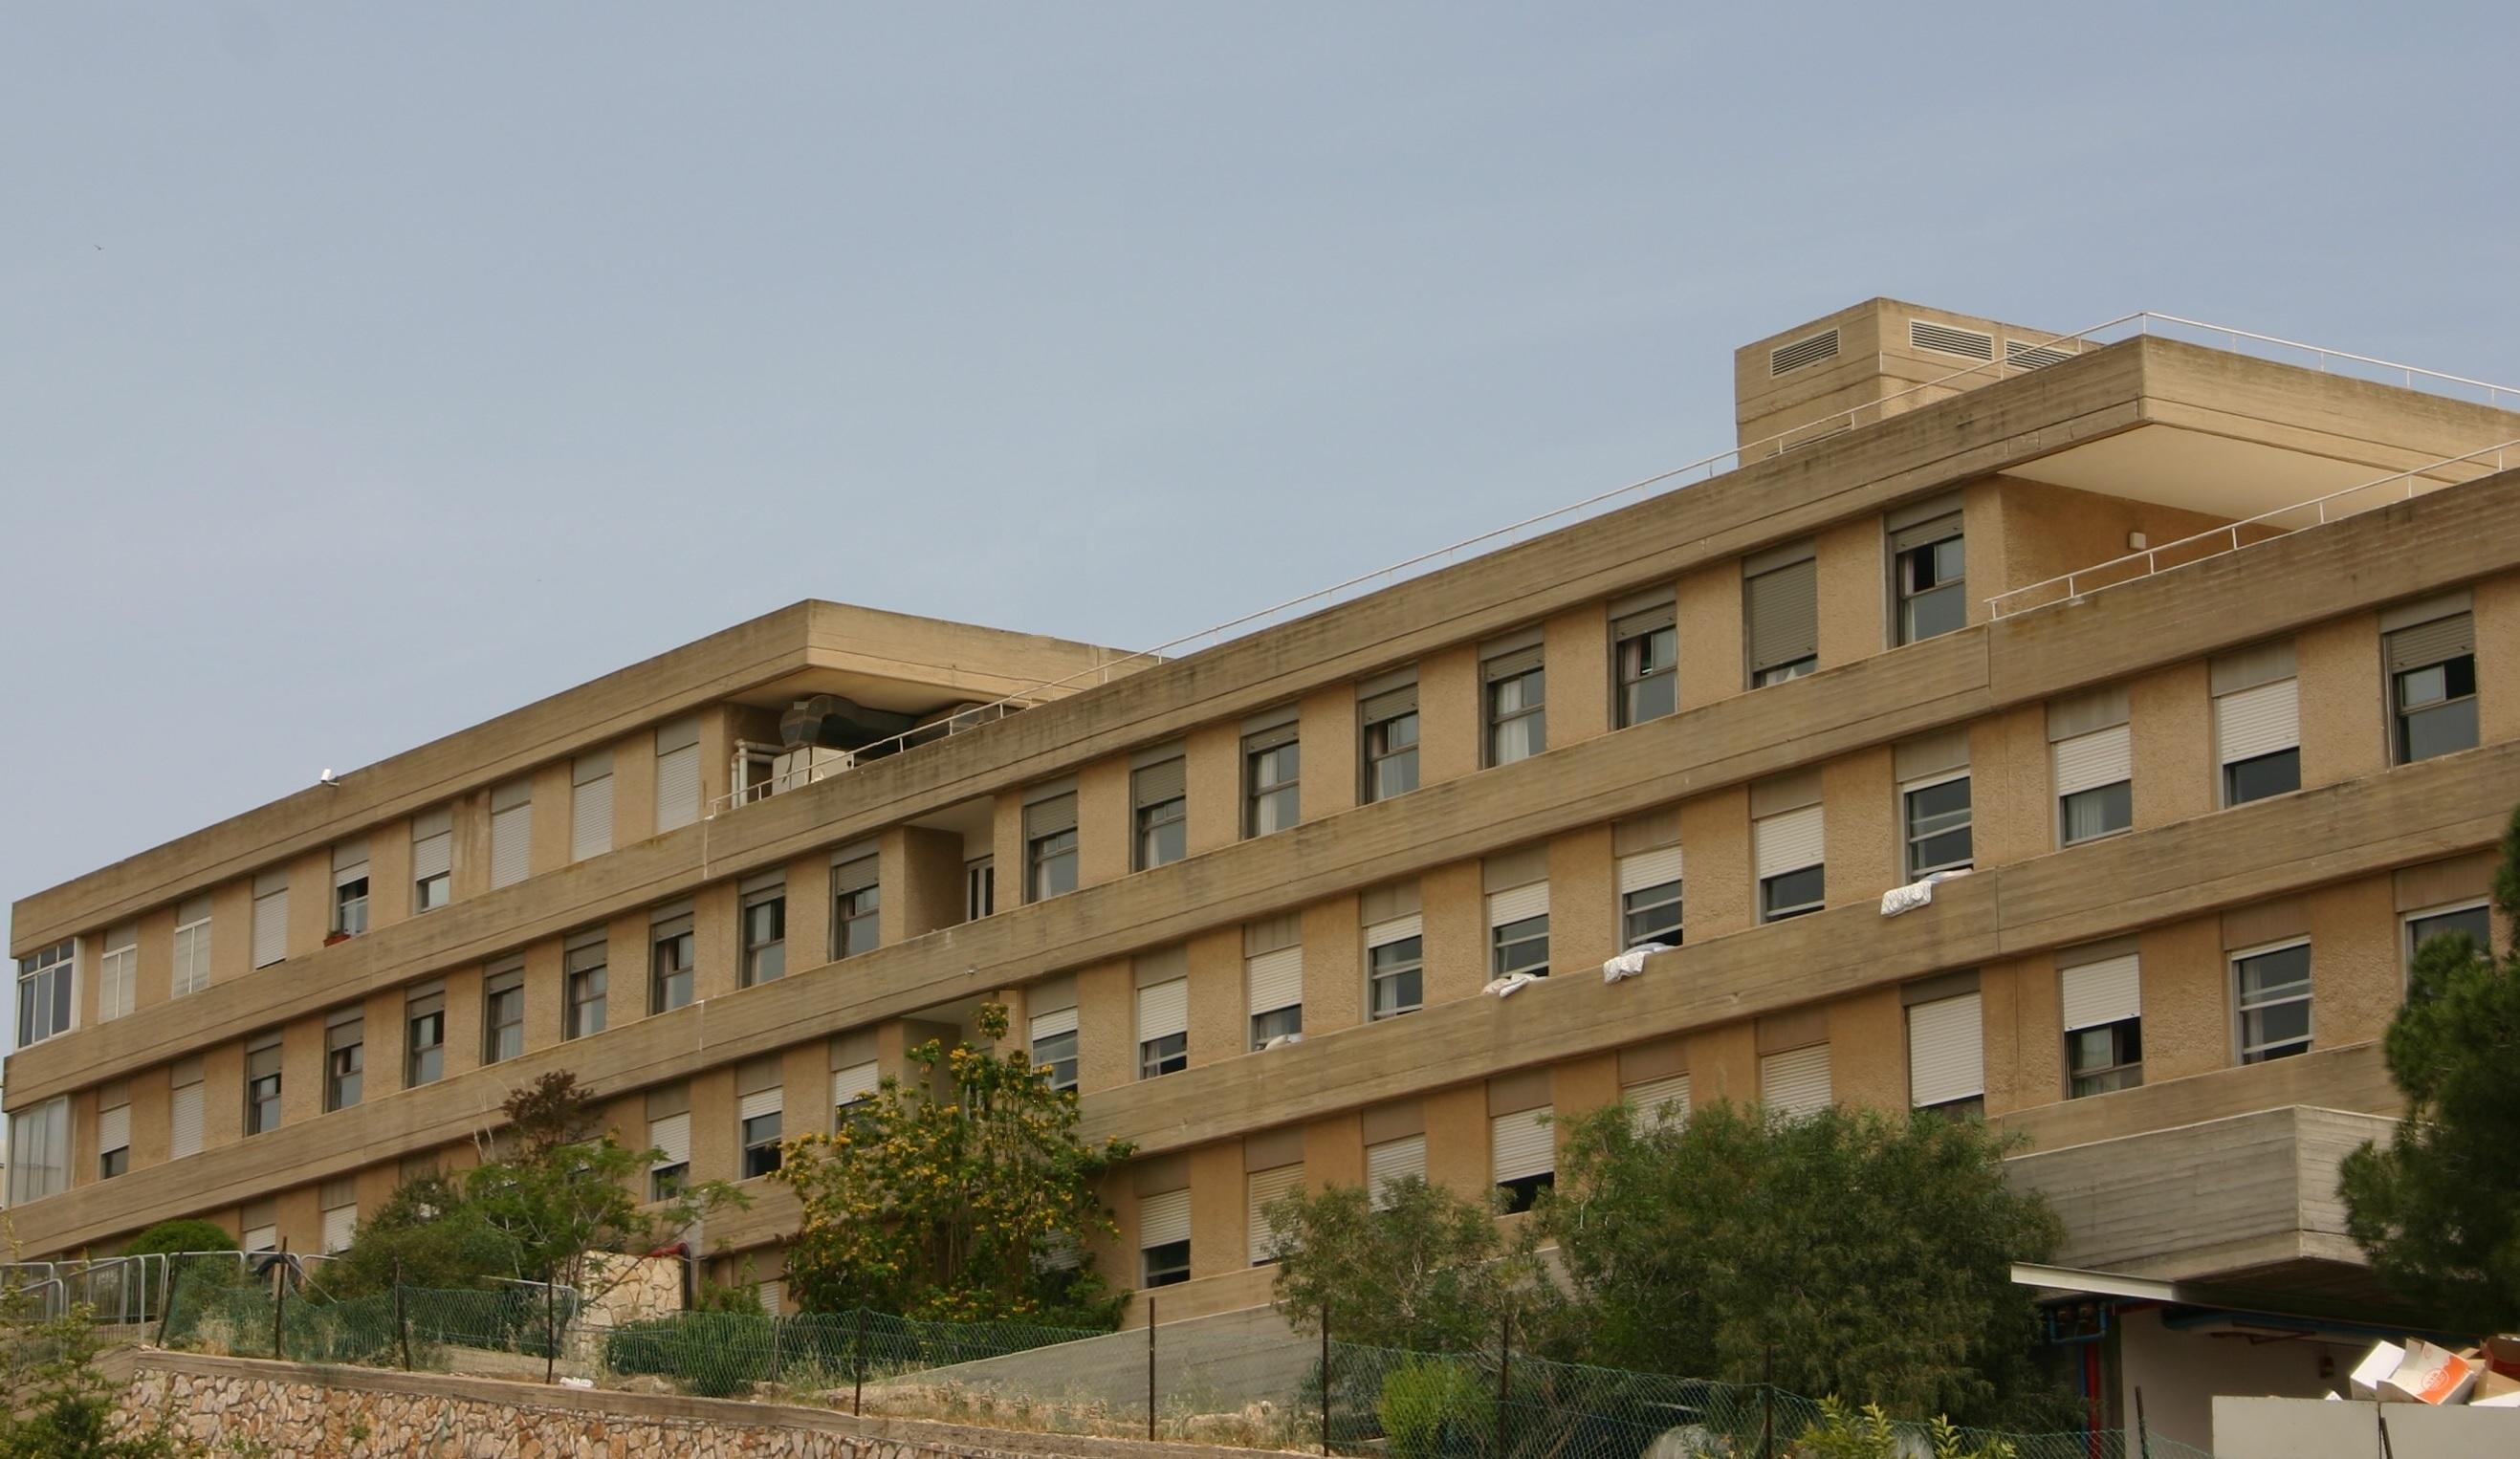 תמונת בית החולים מכיוון הרחוב